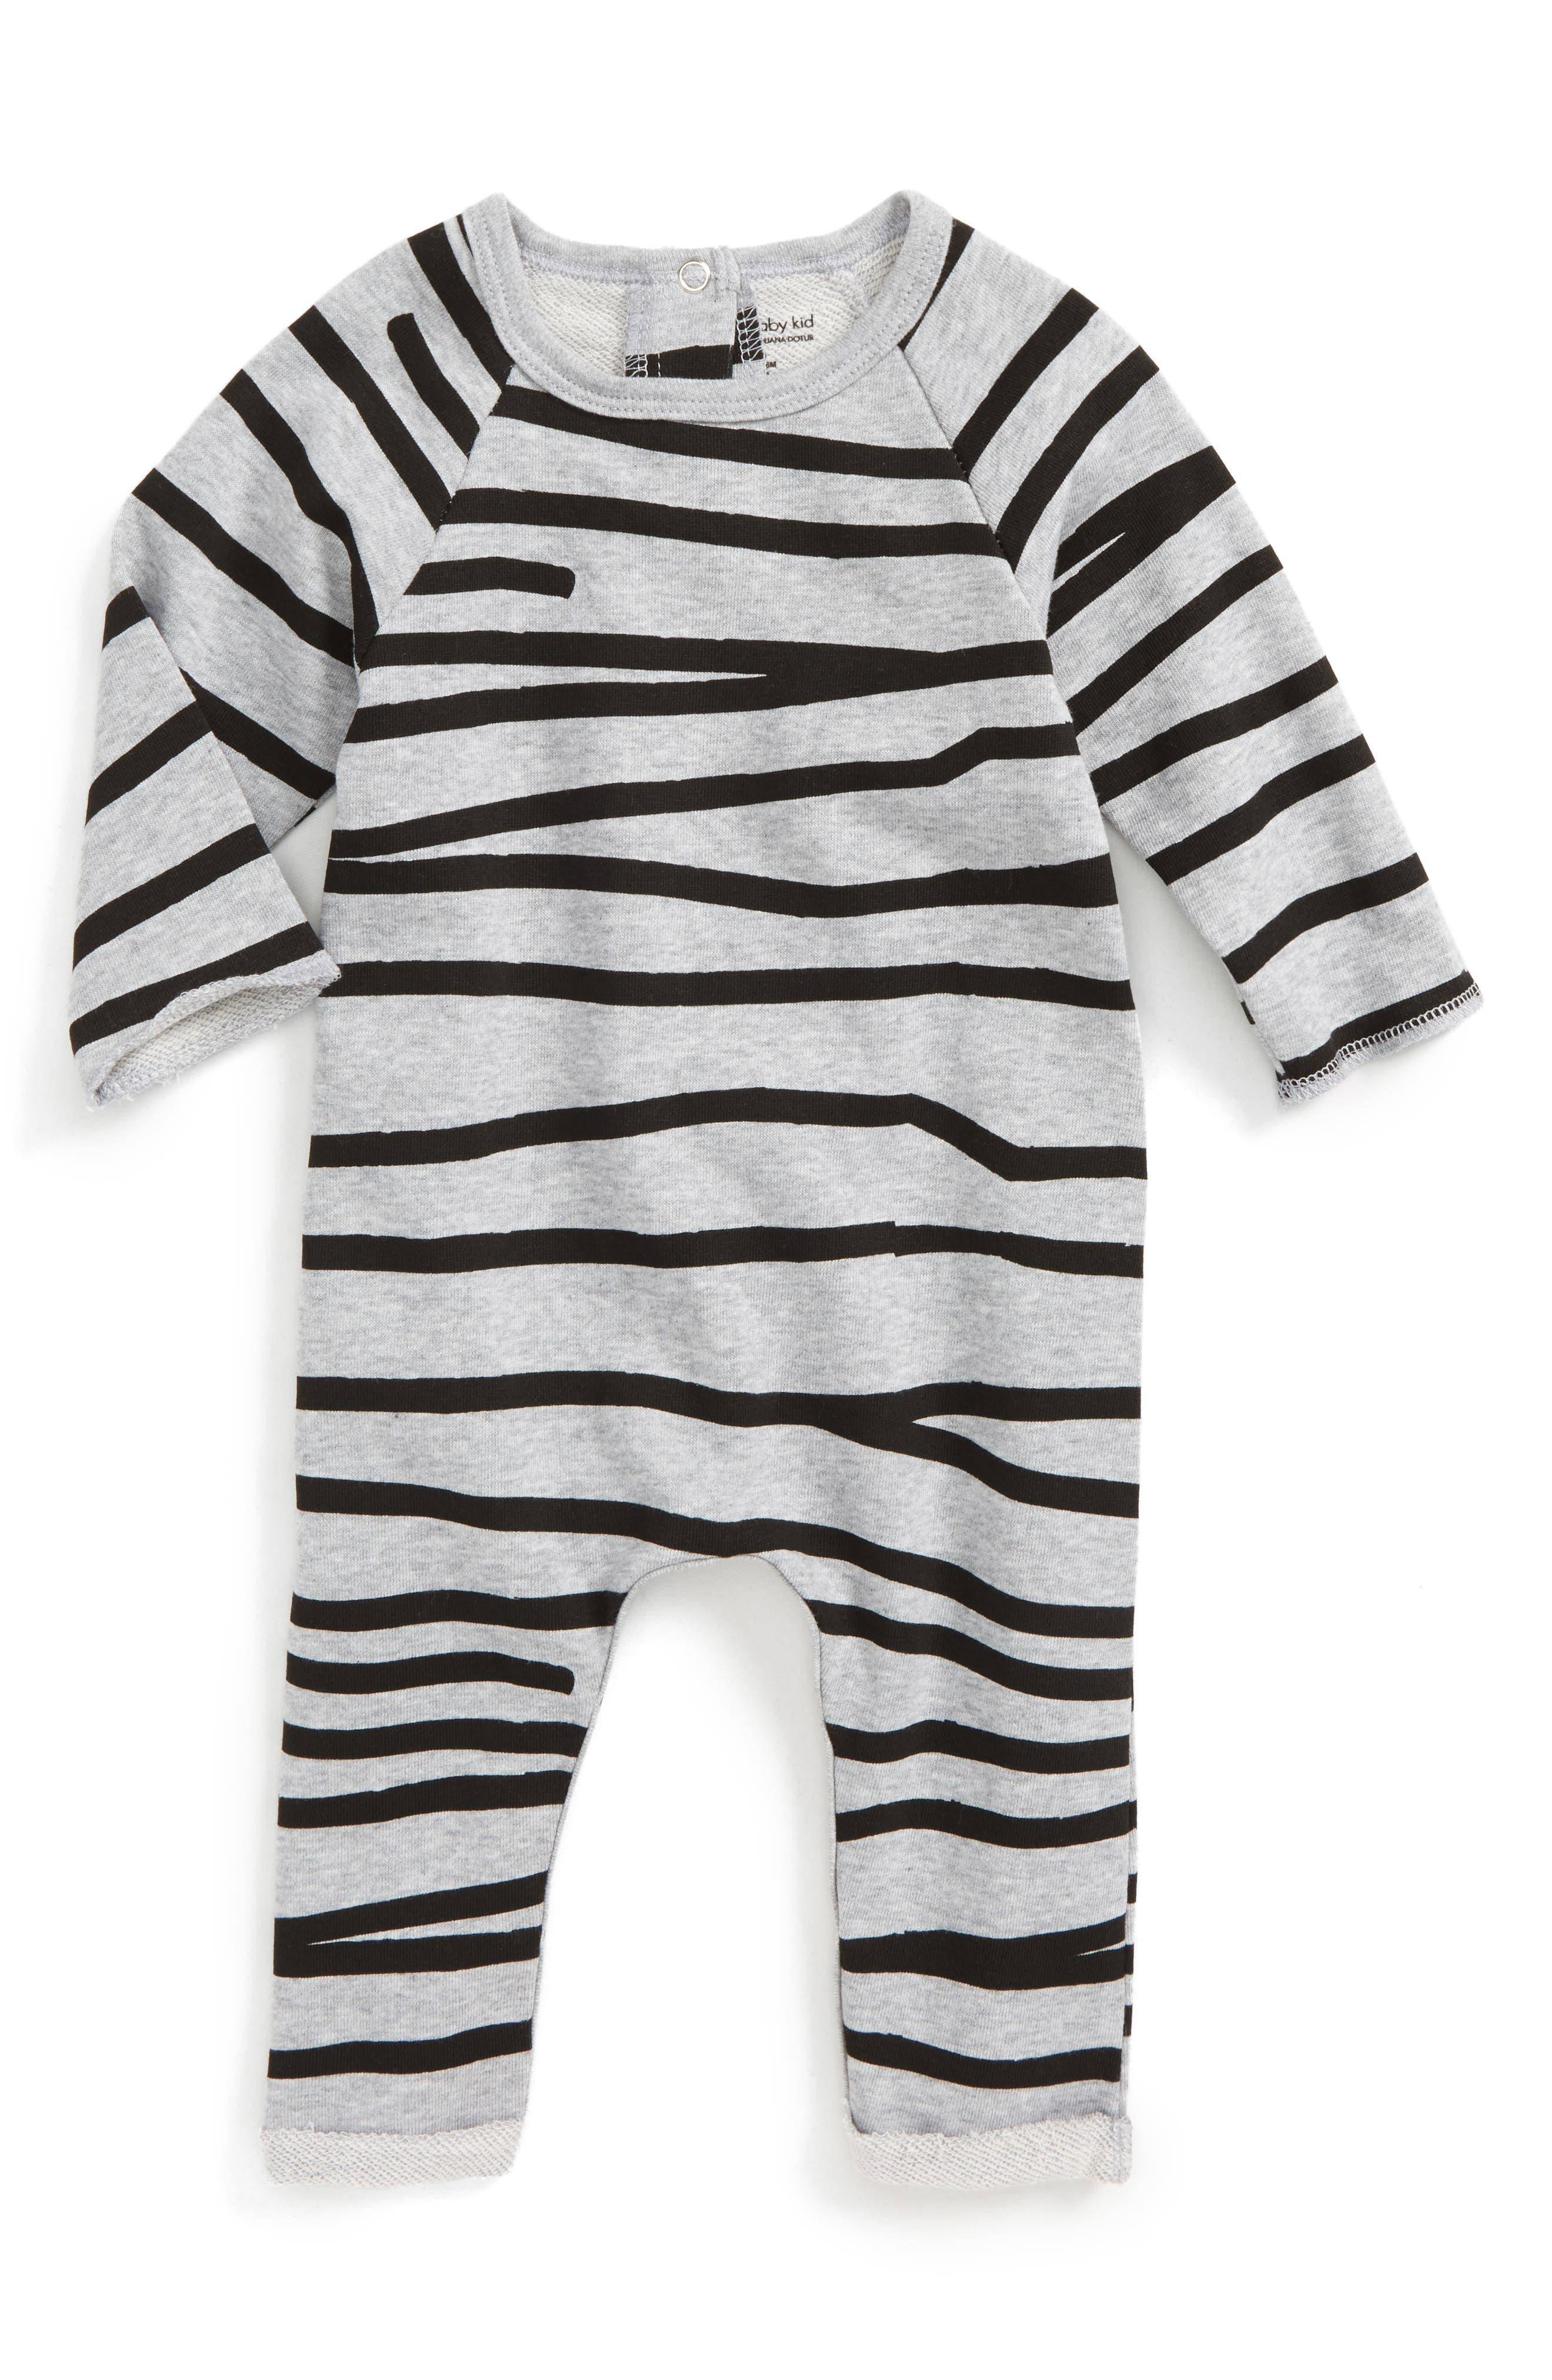 SOOKIbaby Stripe Romper (Baby)